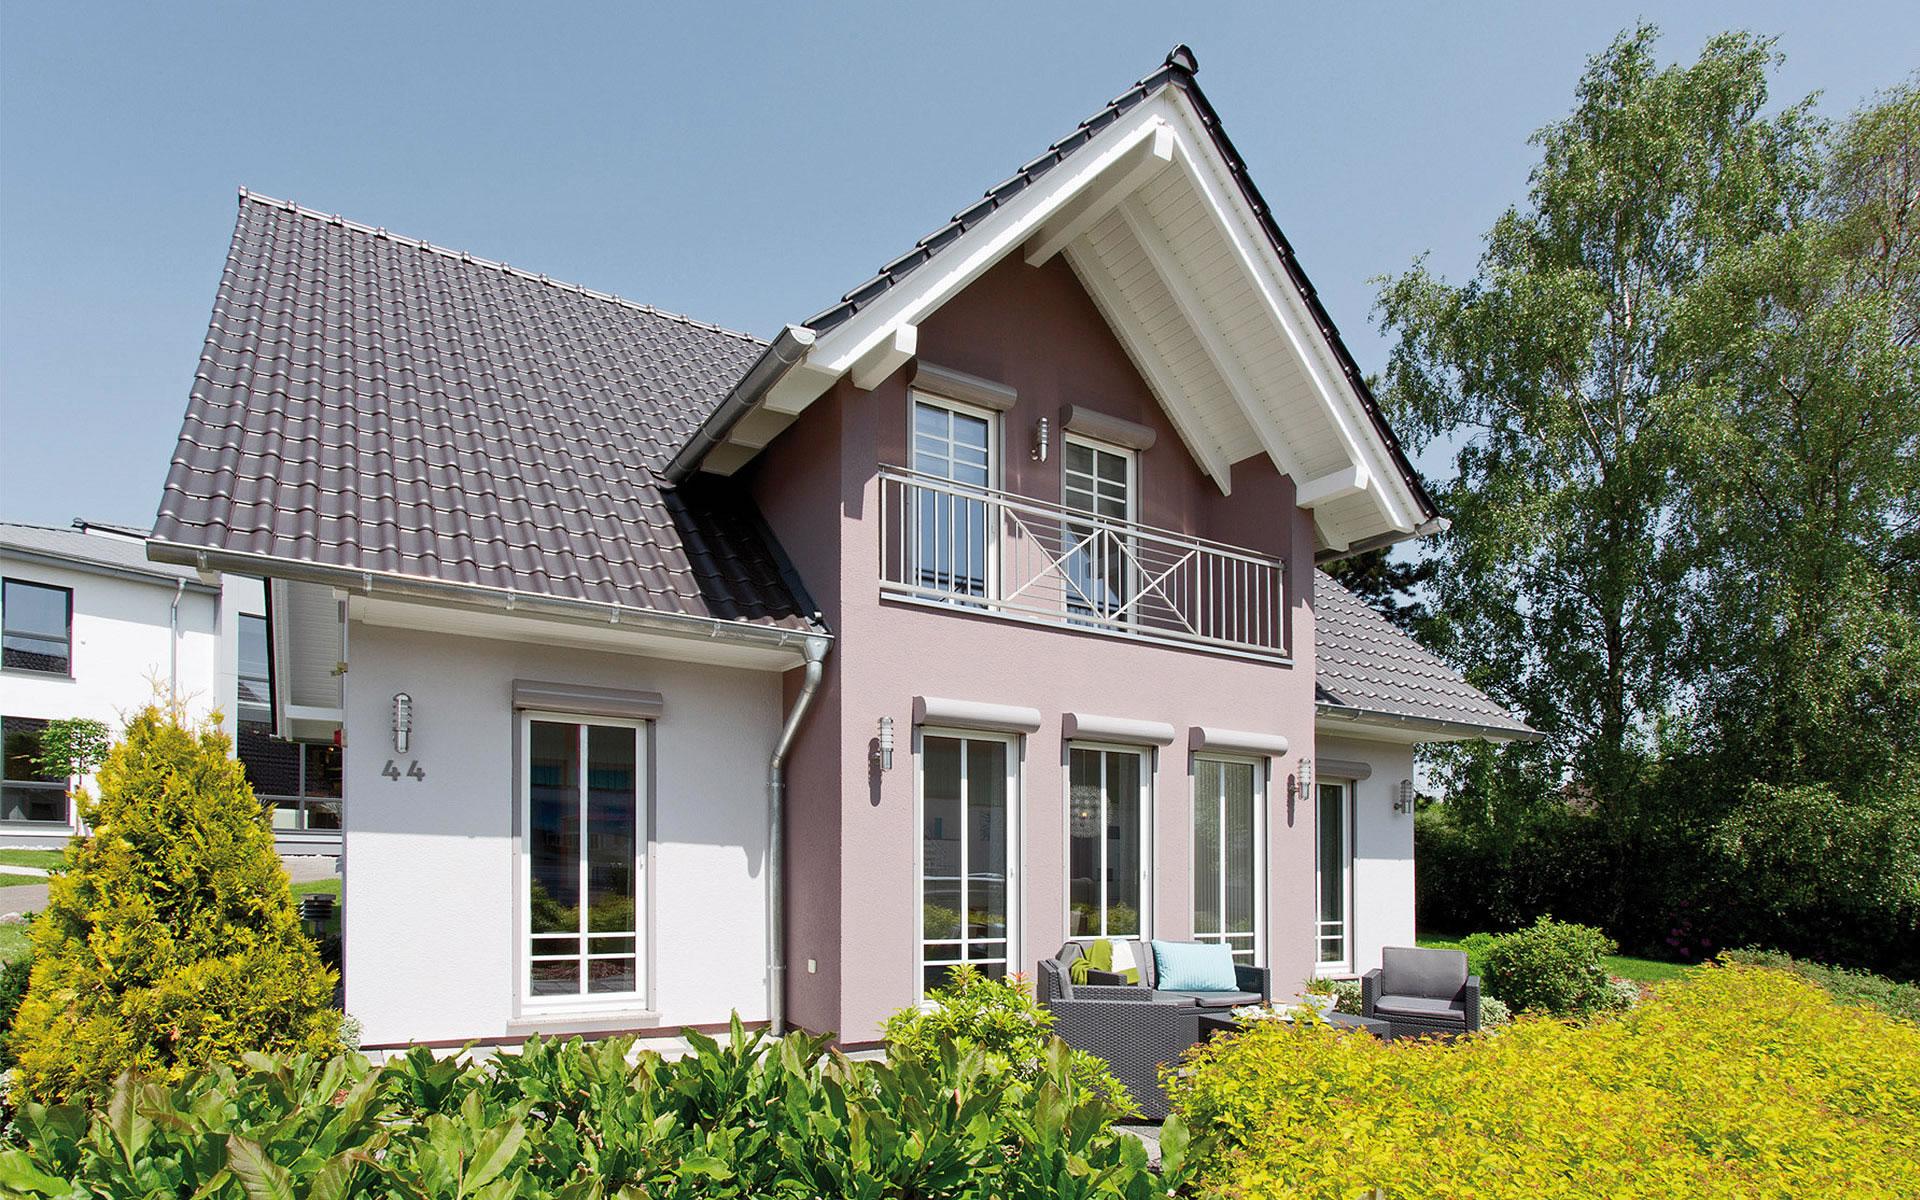 Neunkhausen von Fingerhut Haus GmbH & Co. KG